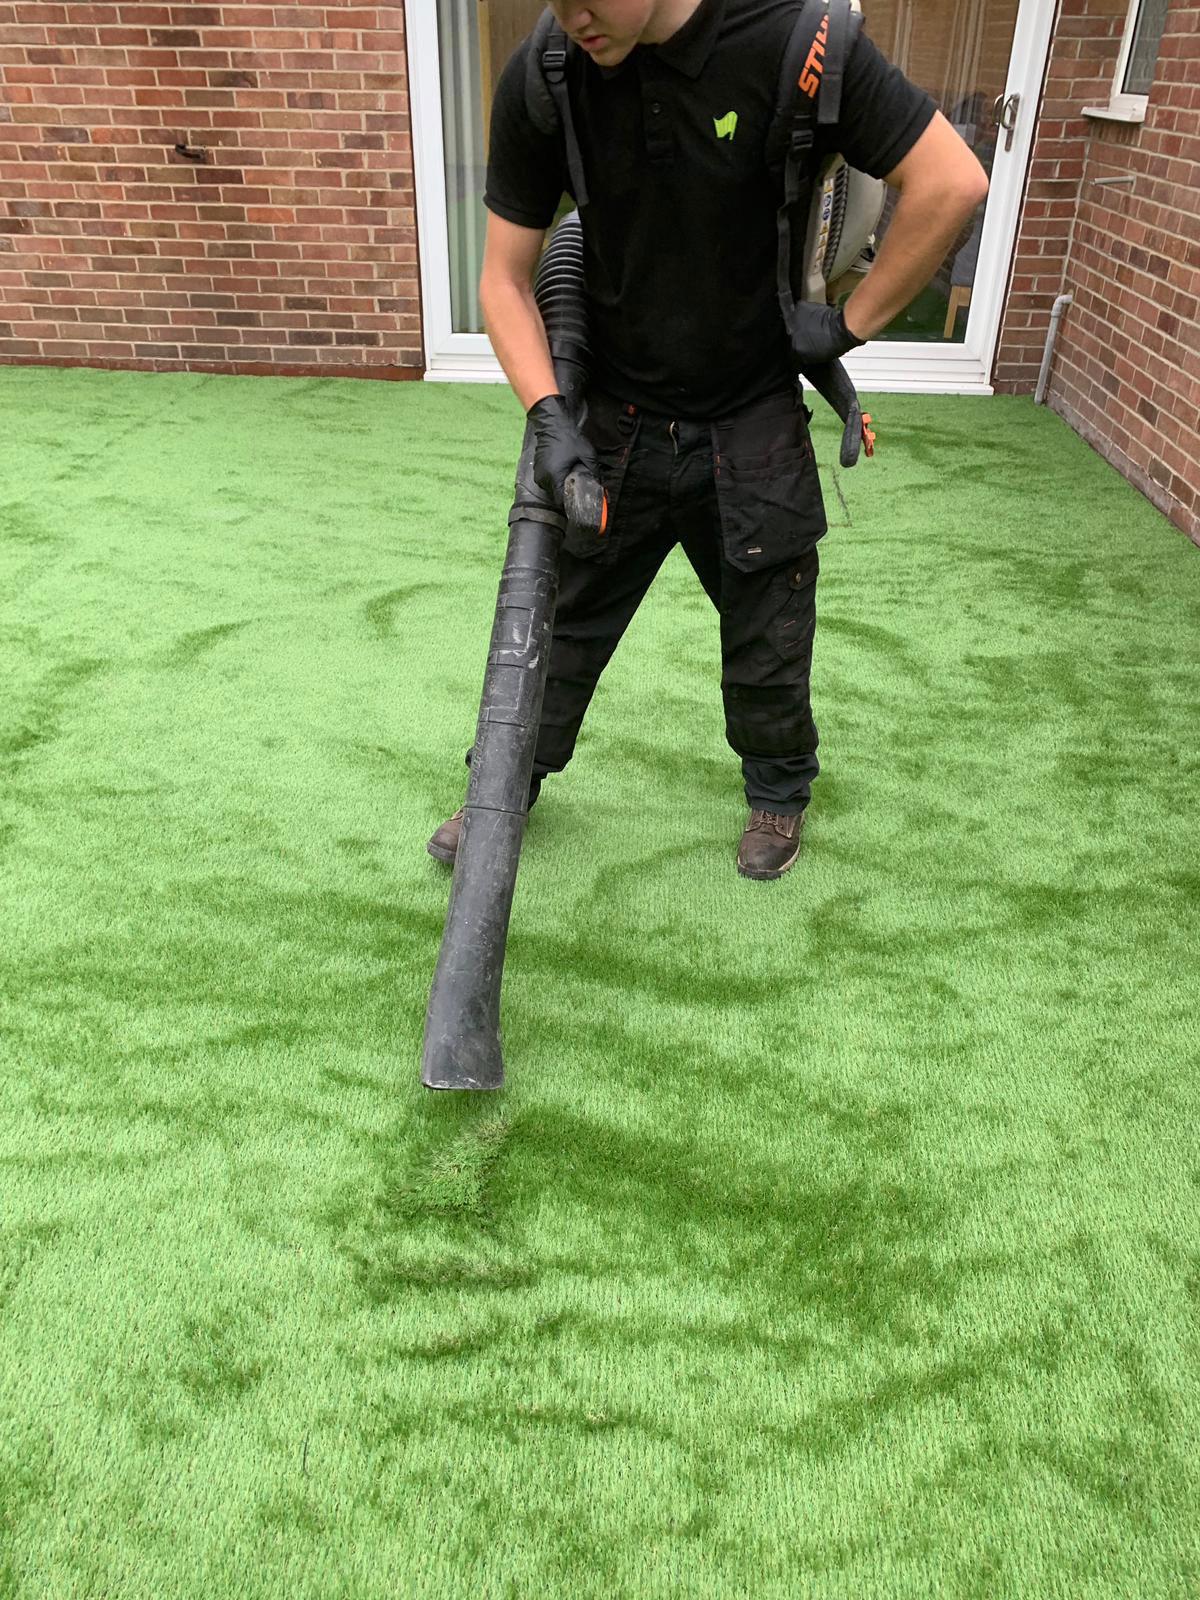 Artificial Grass Lytham St Annes Artificial Super Grass